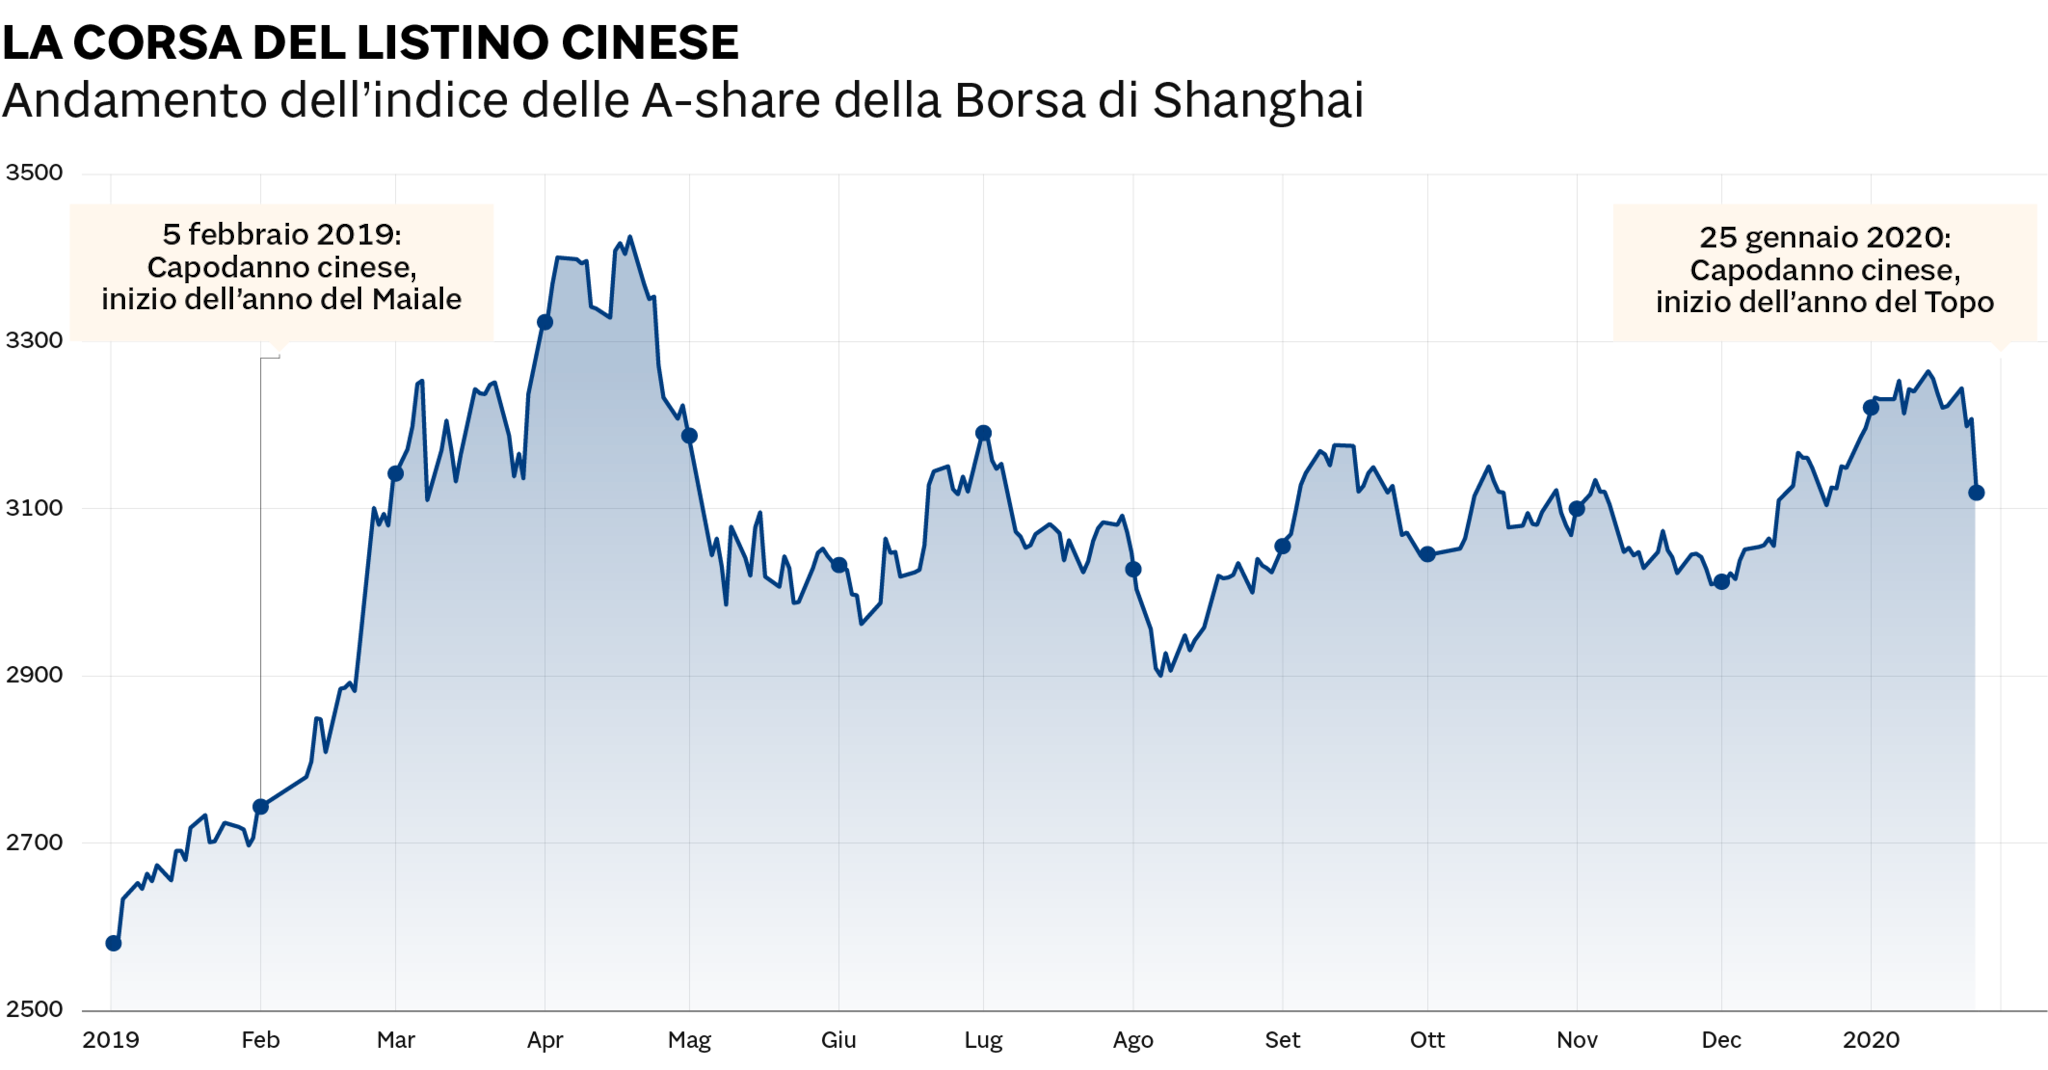 Borsa, in Cina scocca l'anno del Topo. Dopo il +30% del «Maiale» come andrà il 2020?